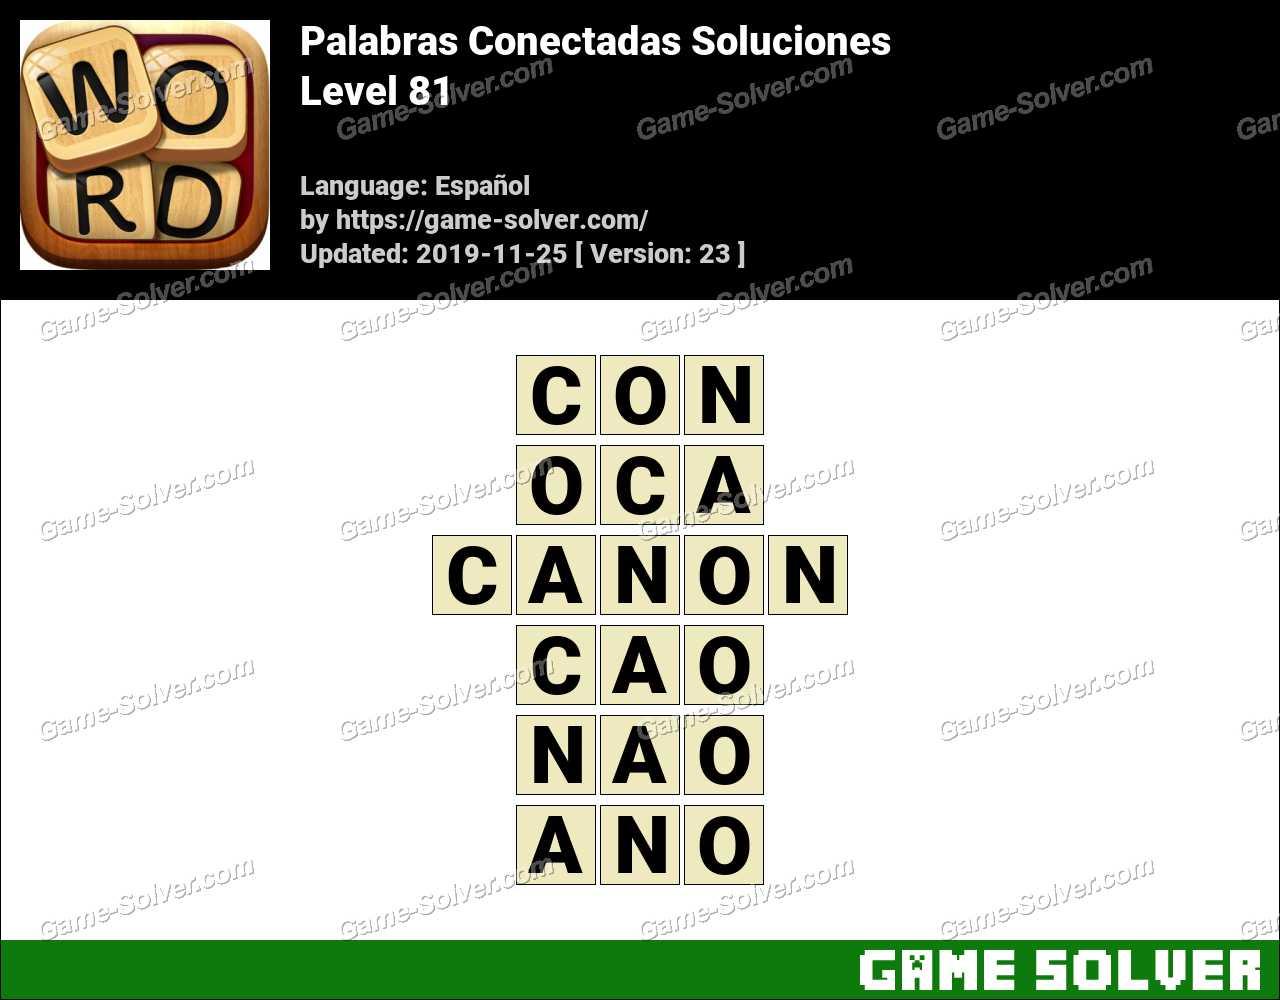 Palabras Conectadas Nivel 81 Soluciones